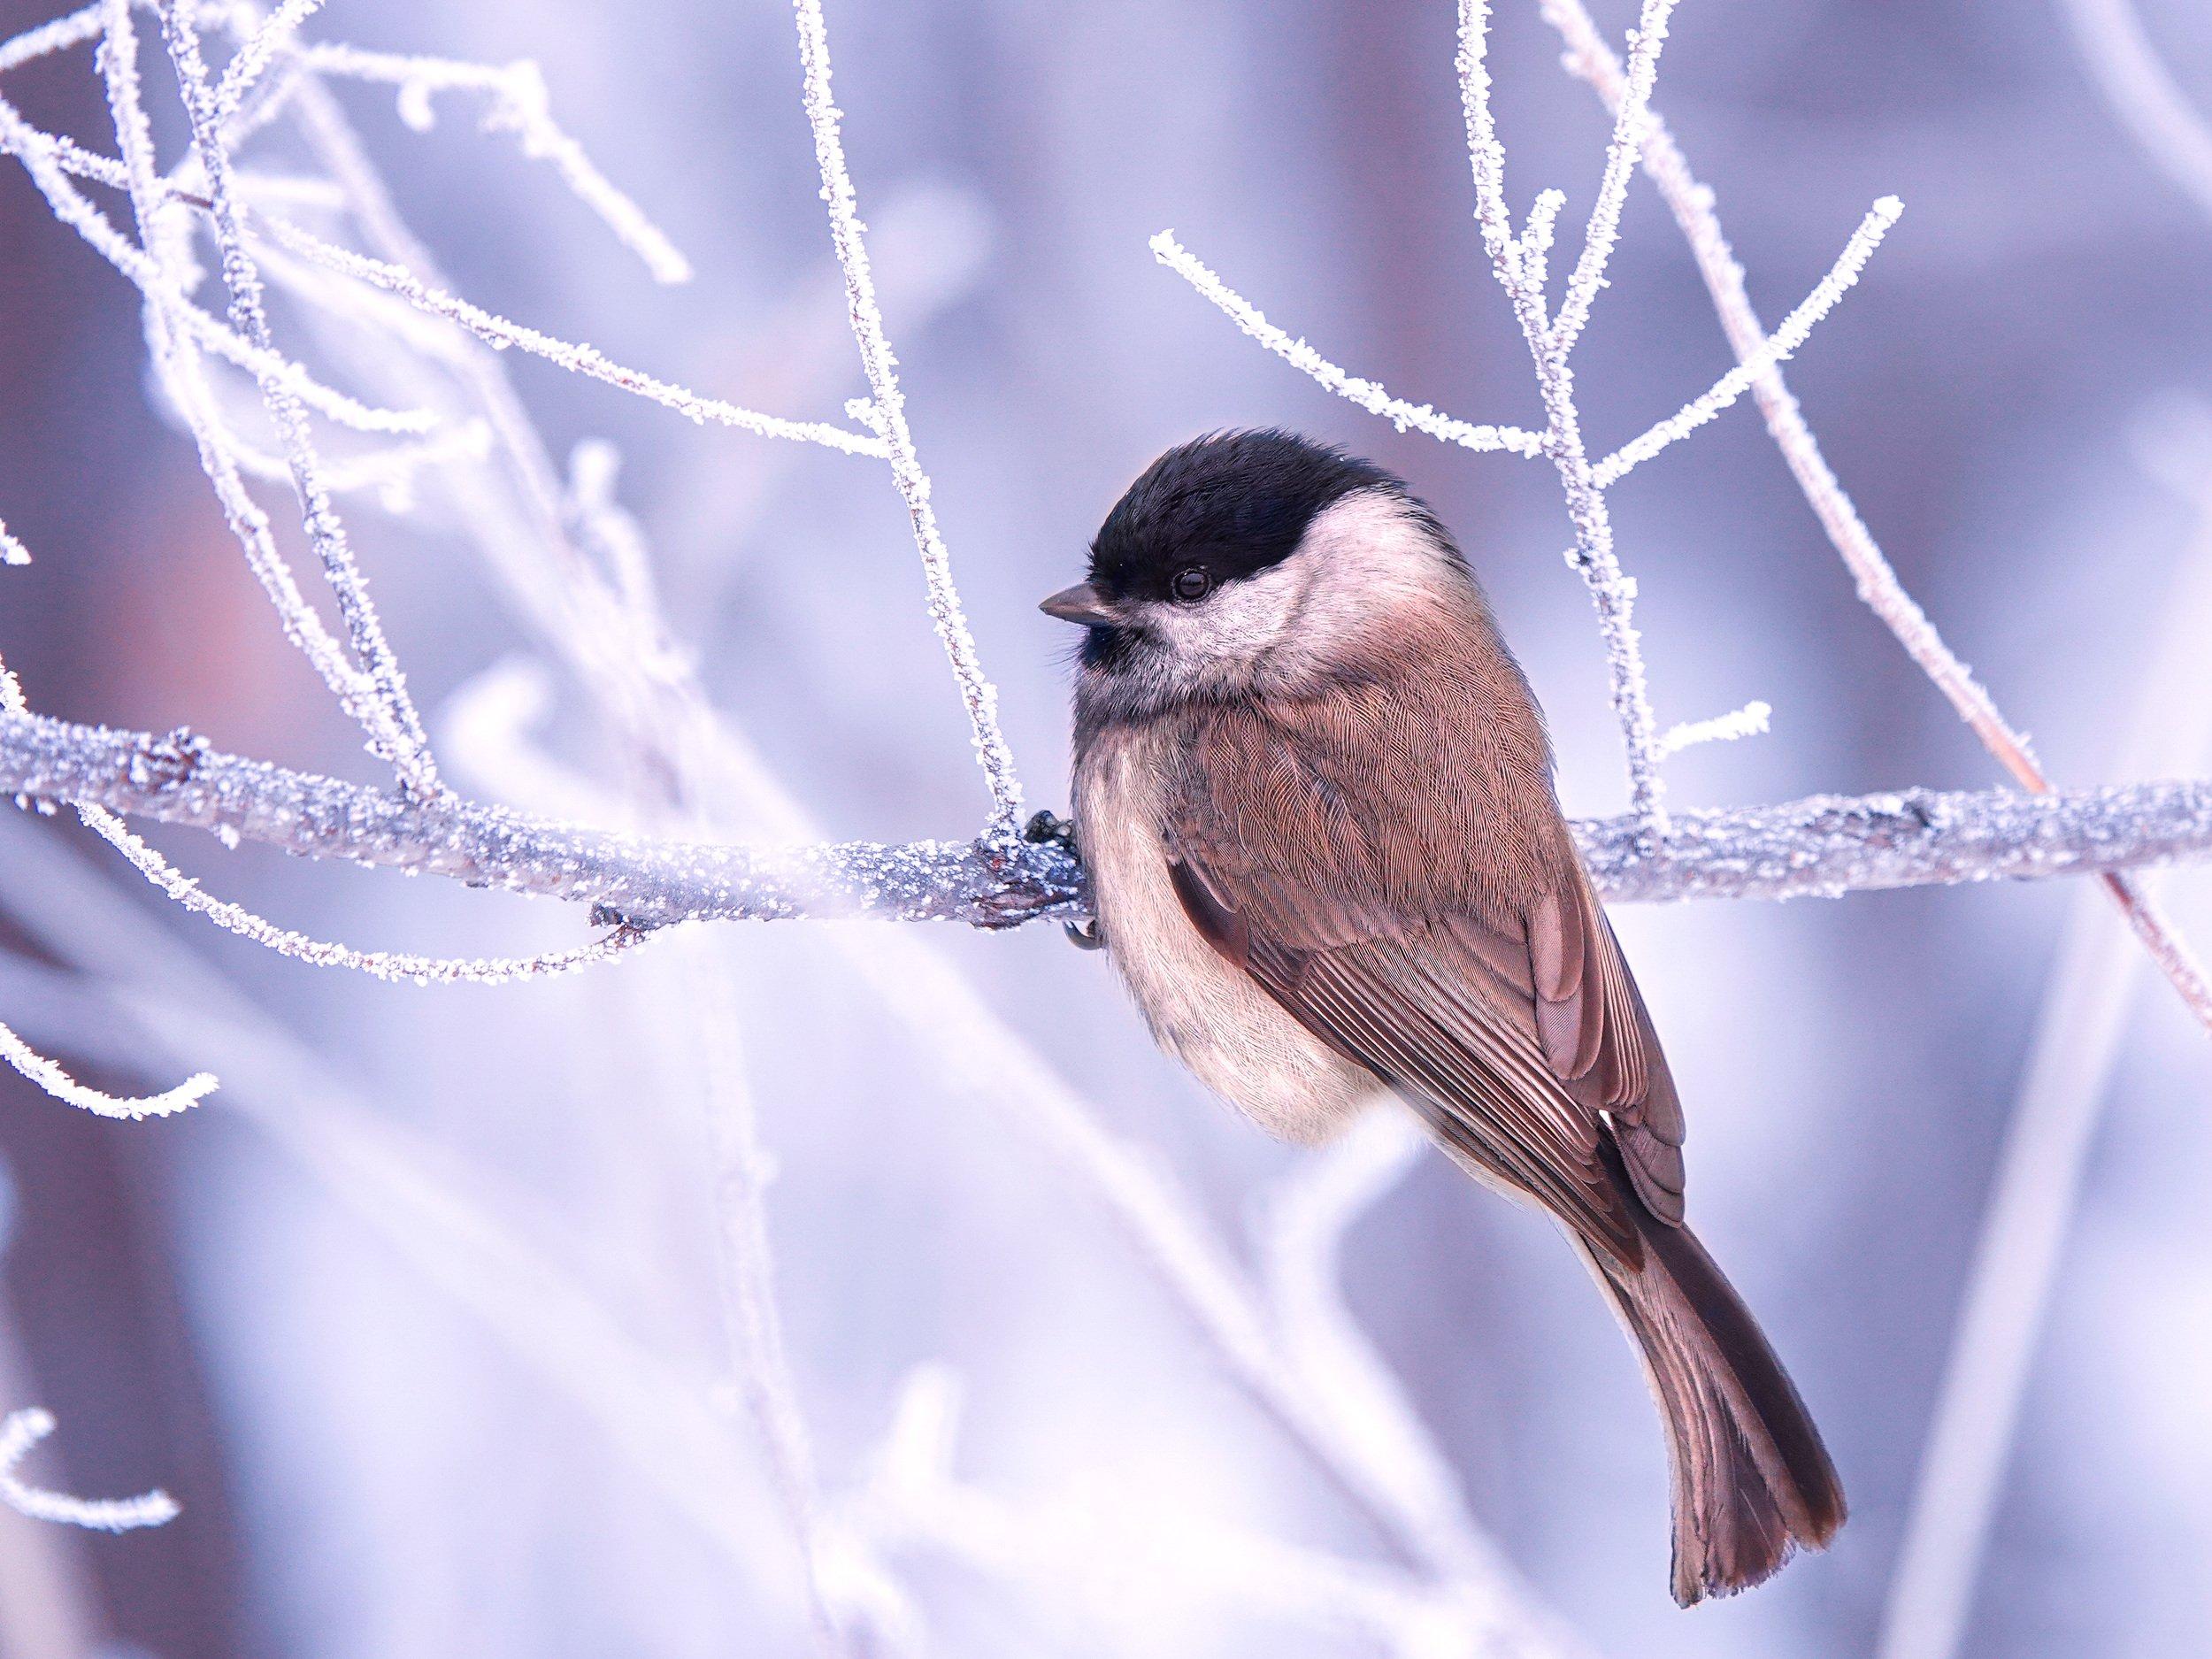 птица, зима, ветки, изморозь., Жабский Игорь